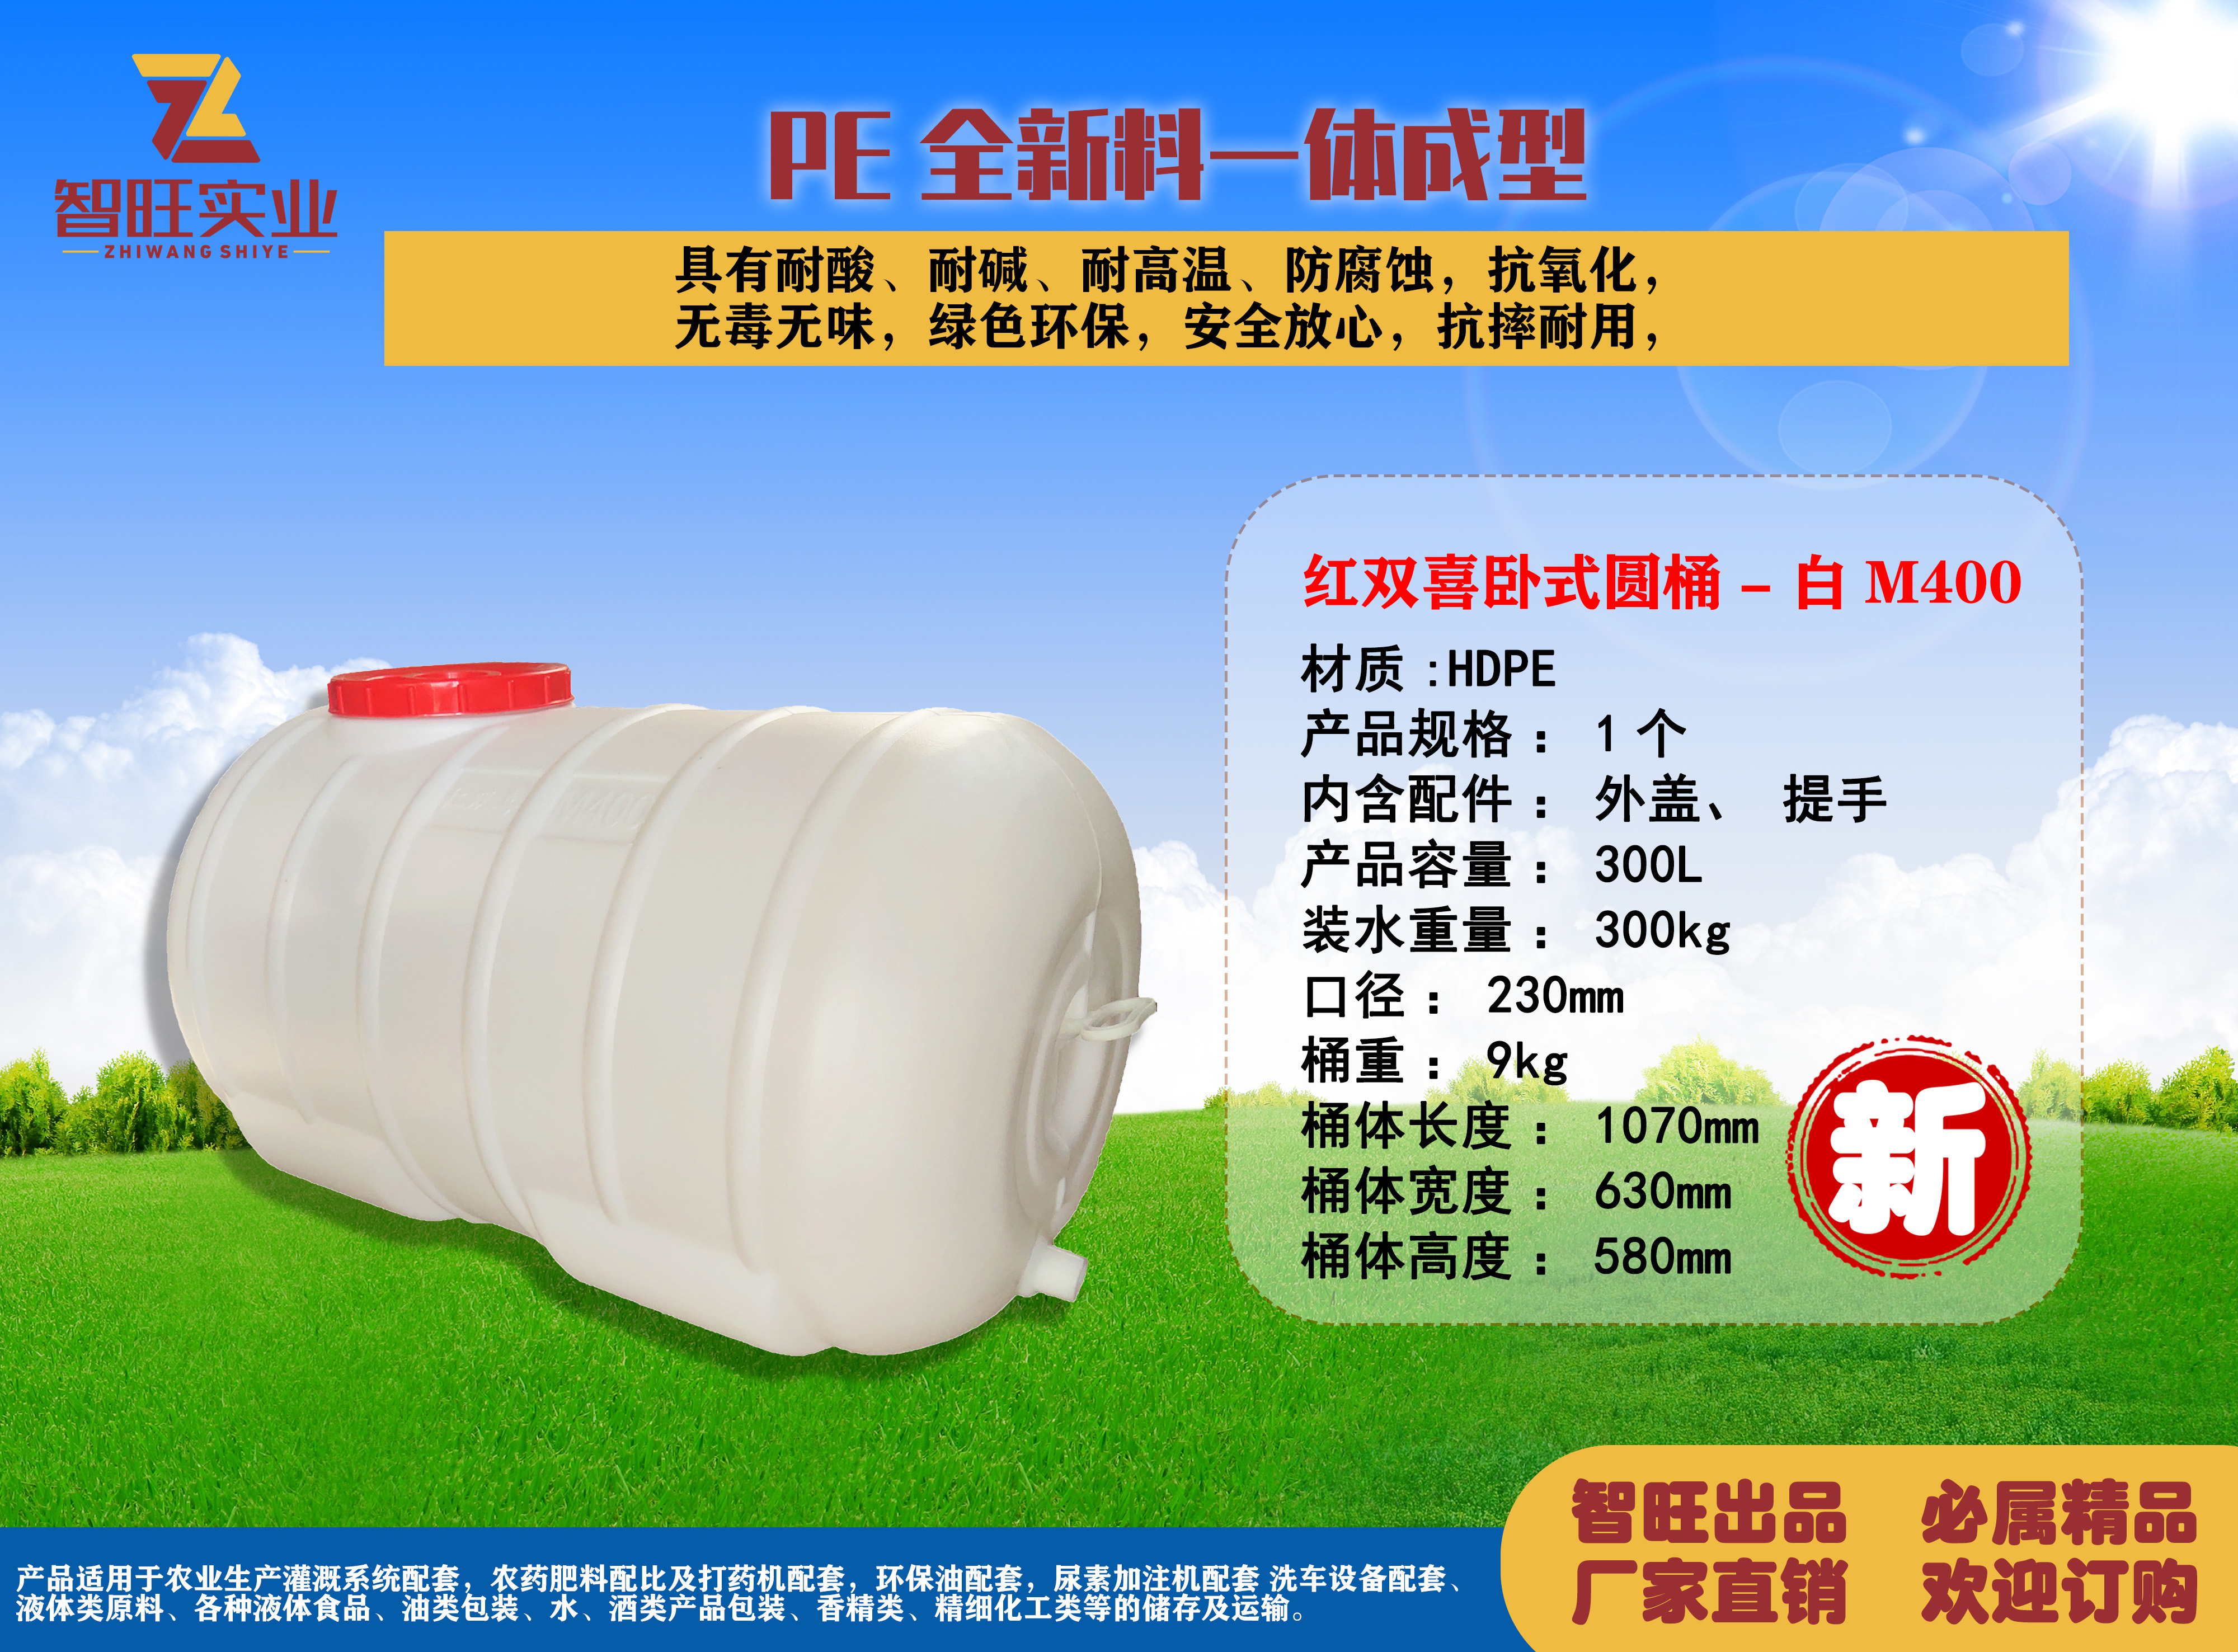 紅雙喜臥式圓桶-白M400